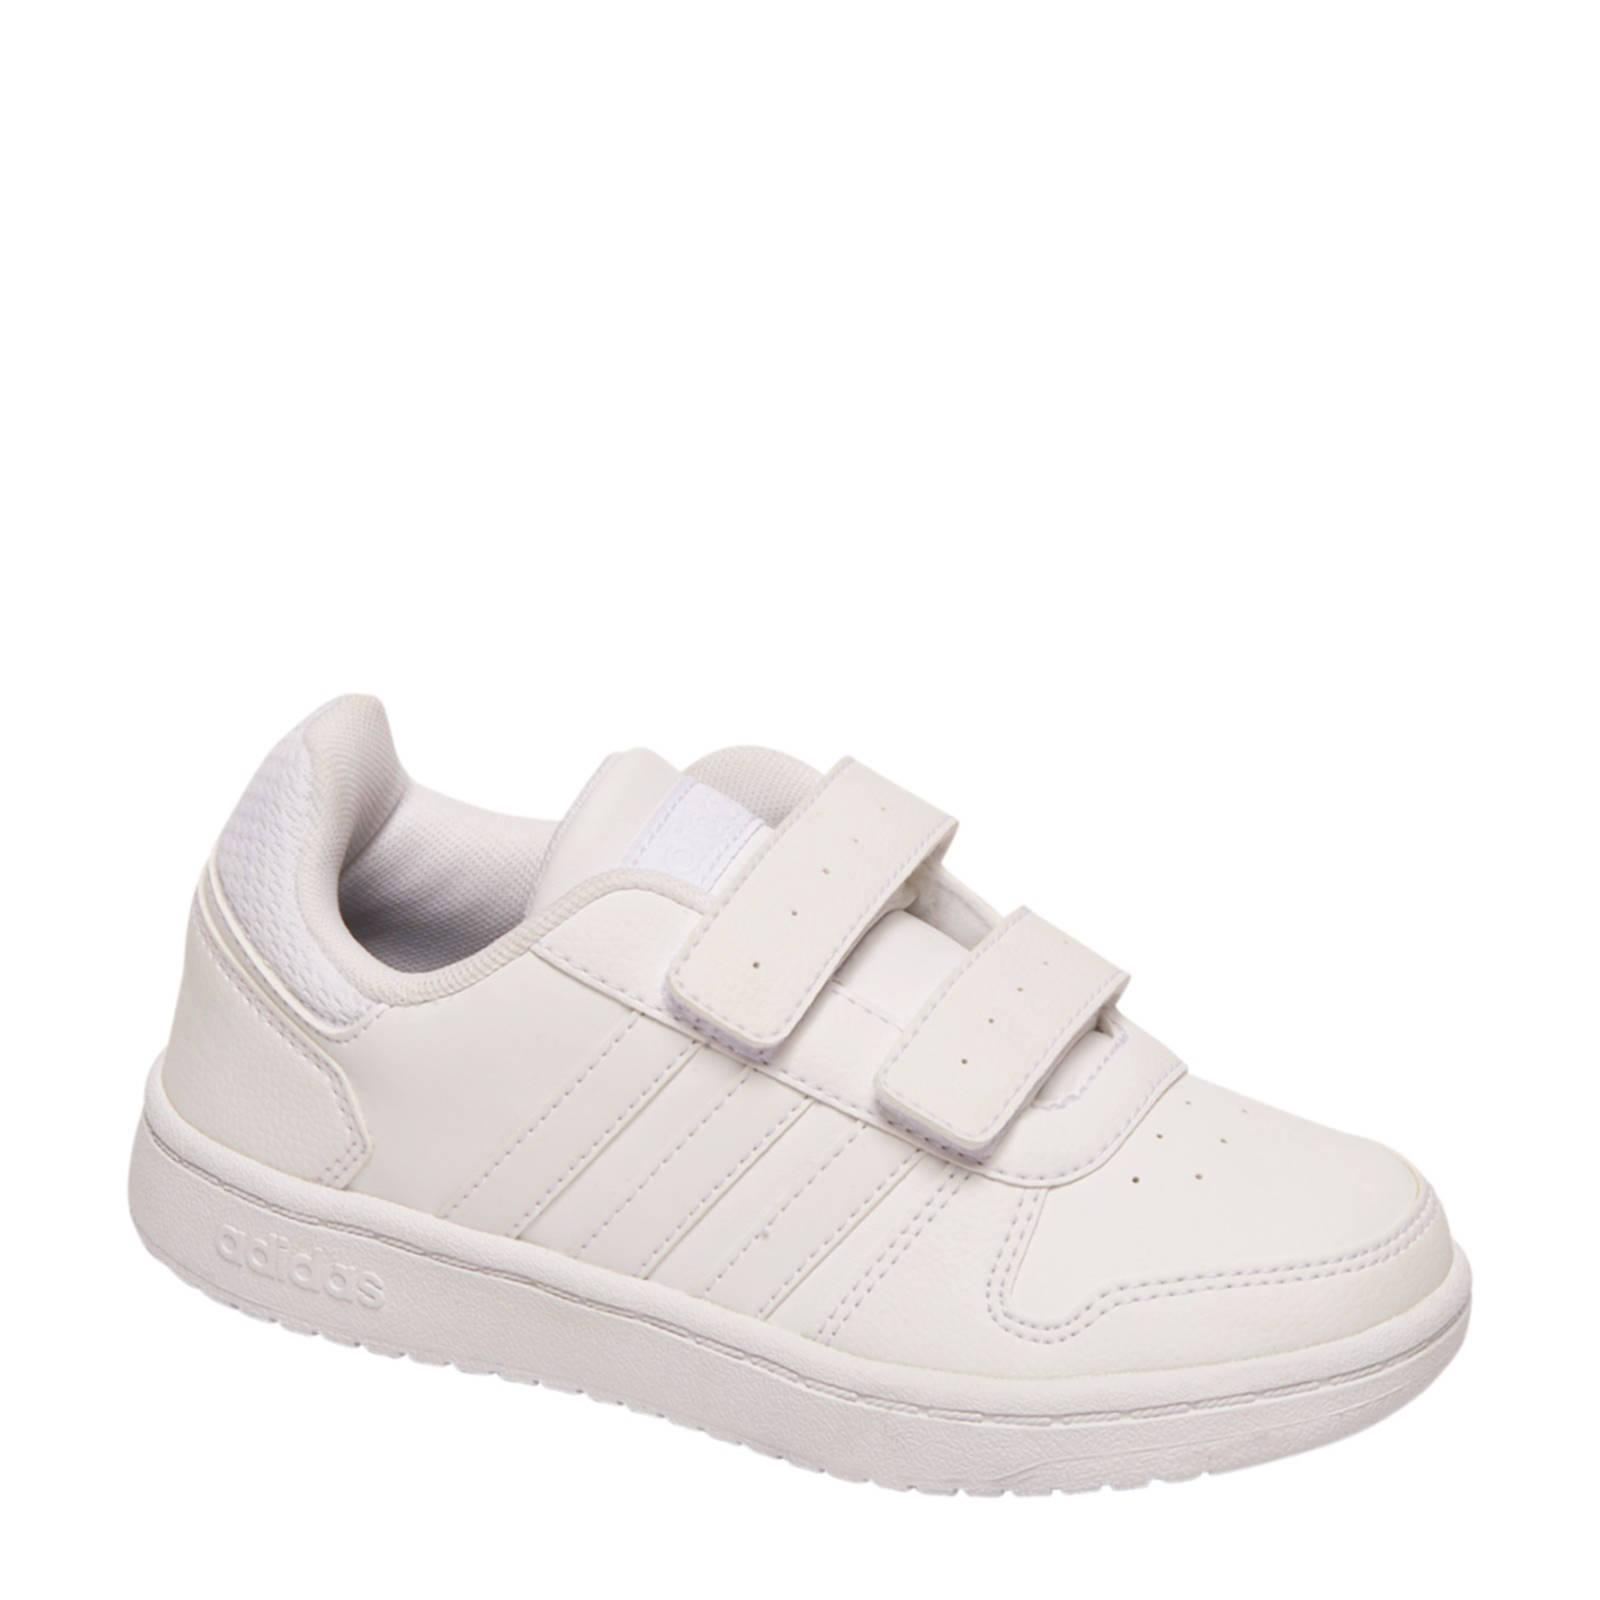 adidas Hoops 2.0 sneakers wit | wehkamp